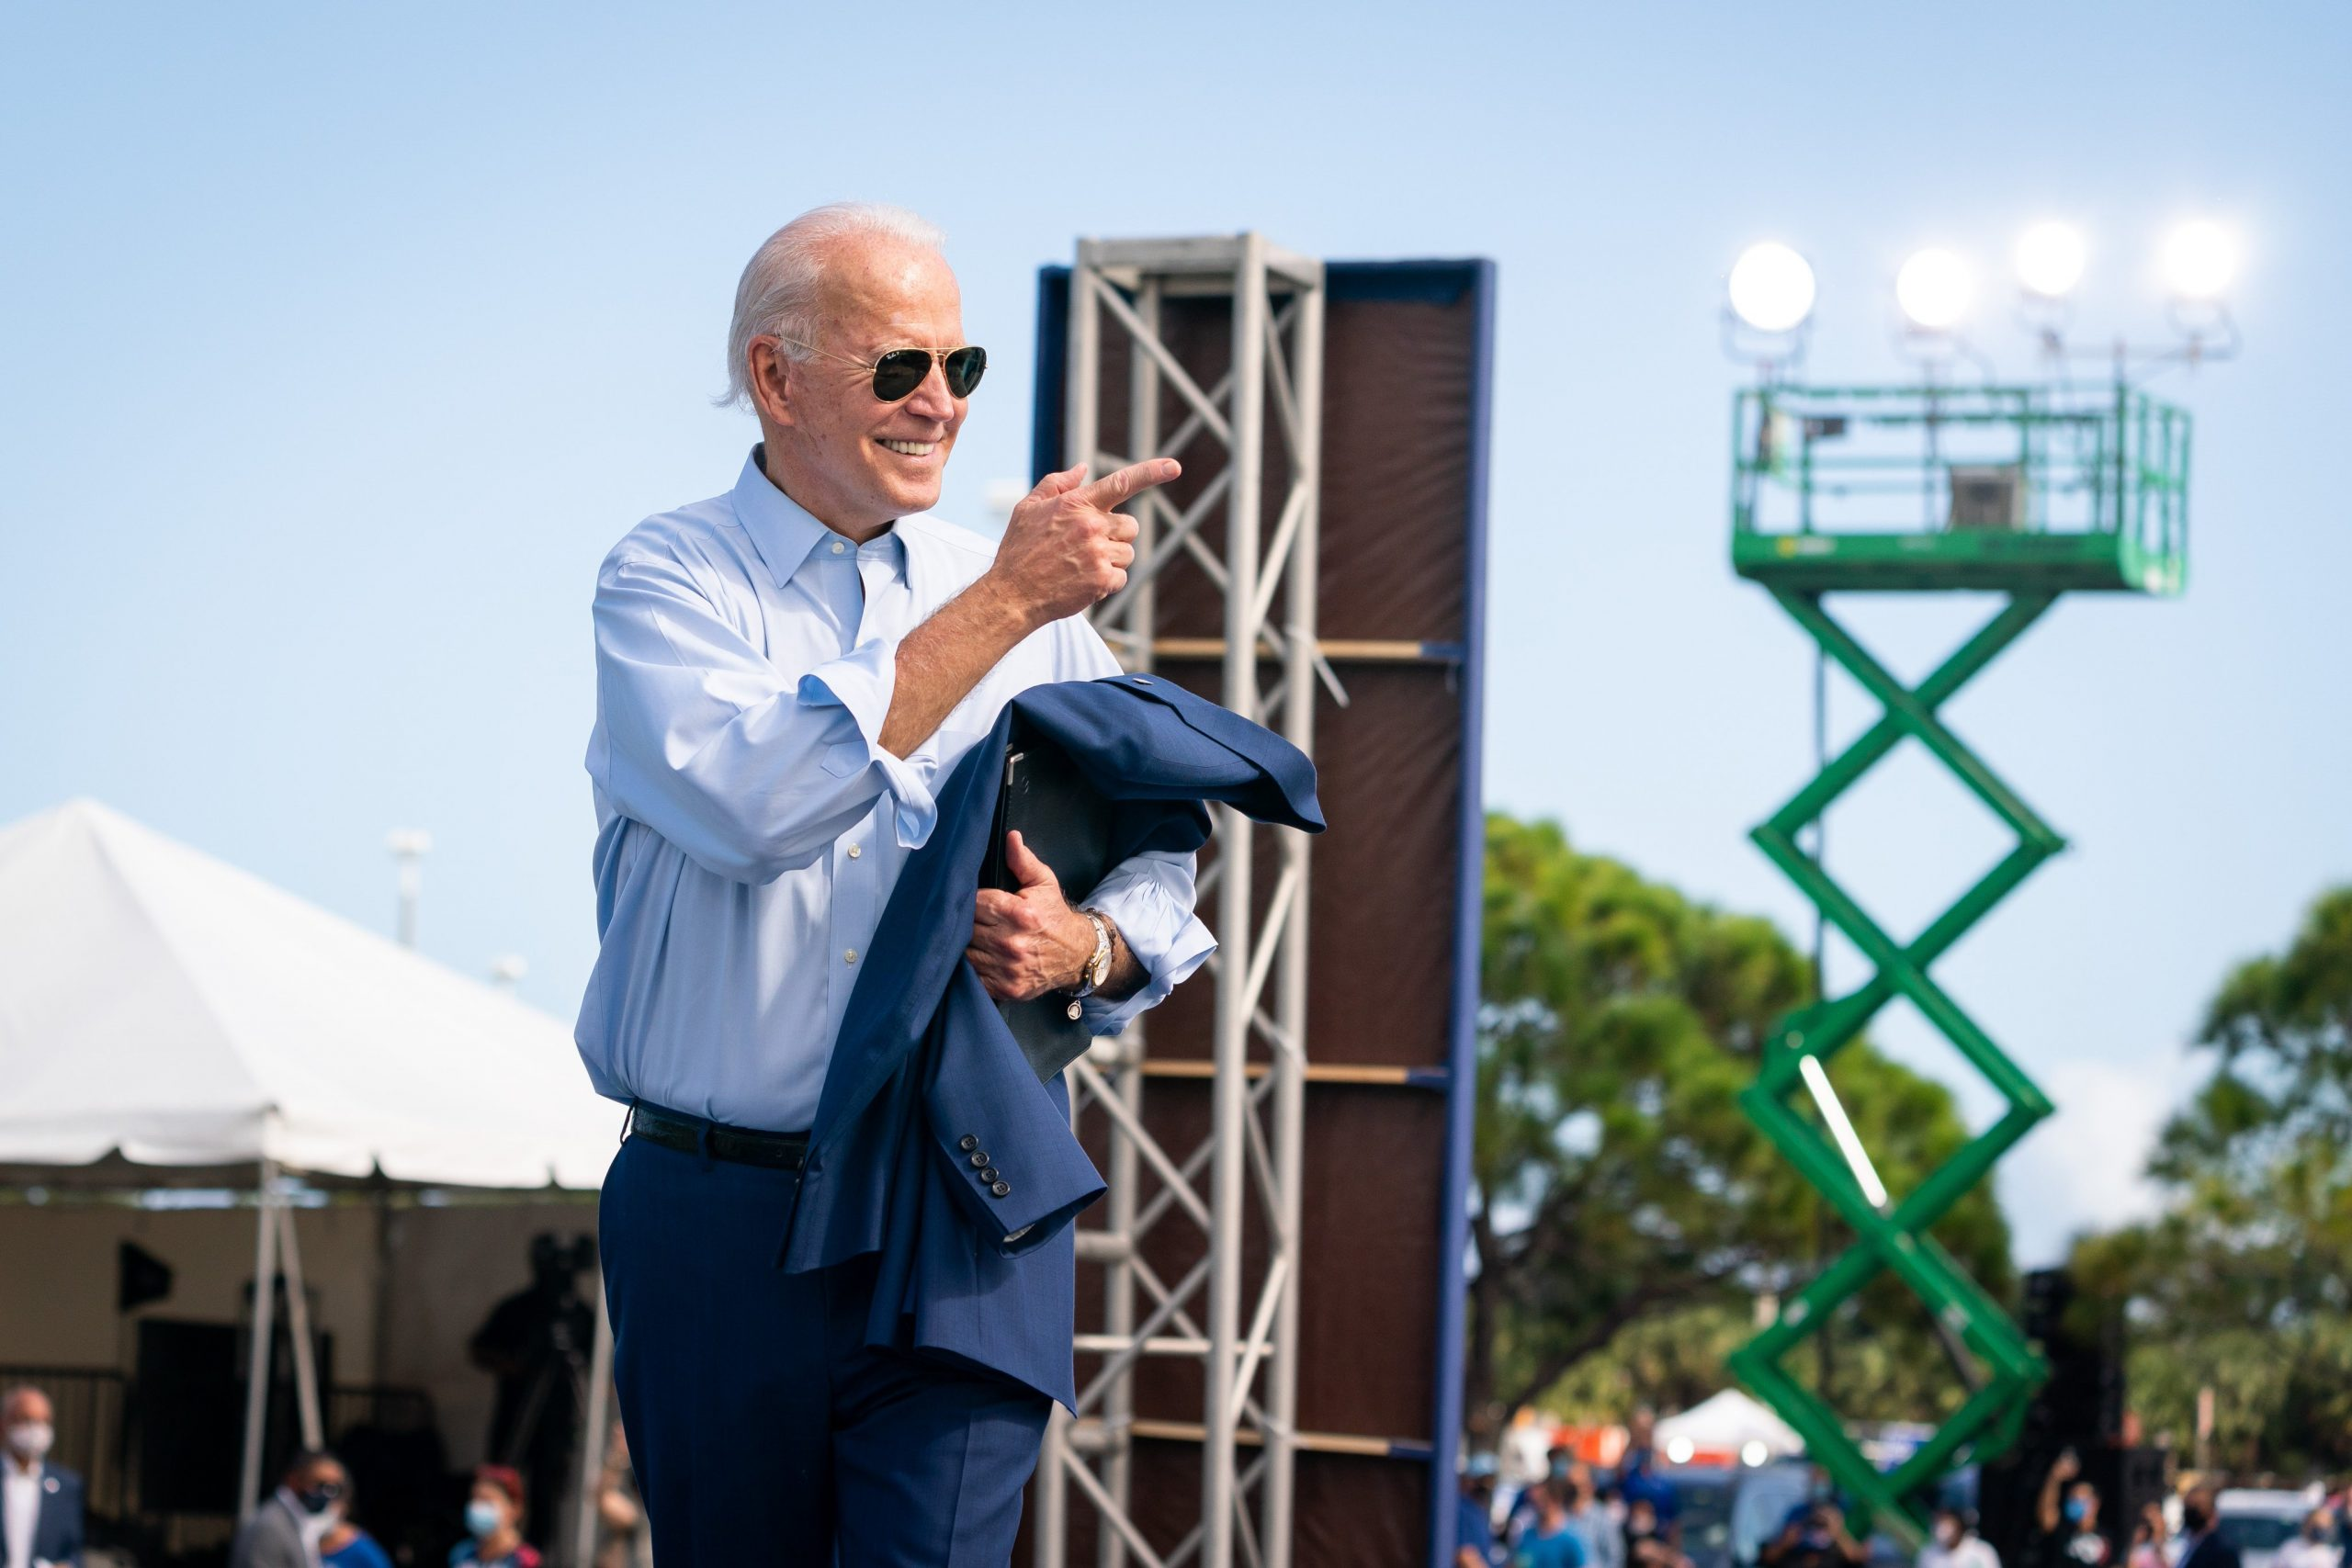 Joe Biden โจ ไบเดน ประธานาธิบดีสหรัฐอเมริกา